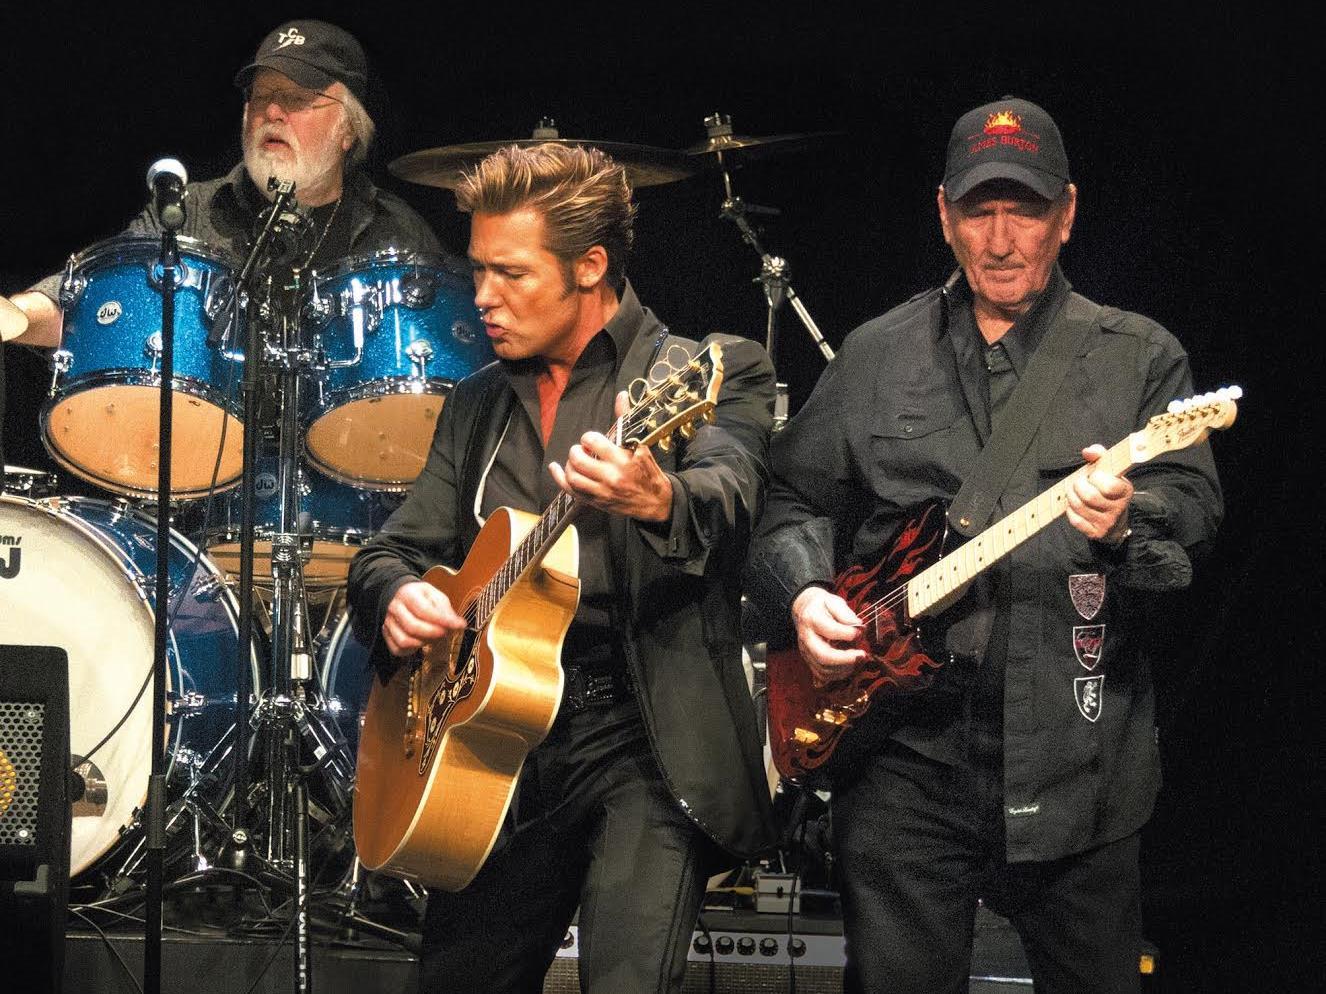 Die Originalband, welche damals mit dem King of Rock'n'Roll Elvis Presley zusammen gespielt hat, kommt am 24. 1. wieder nach Bregenz.